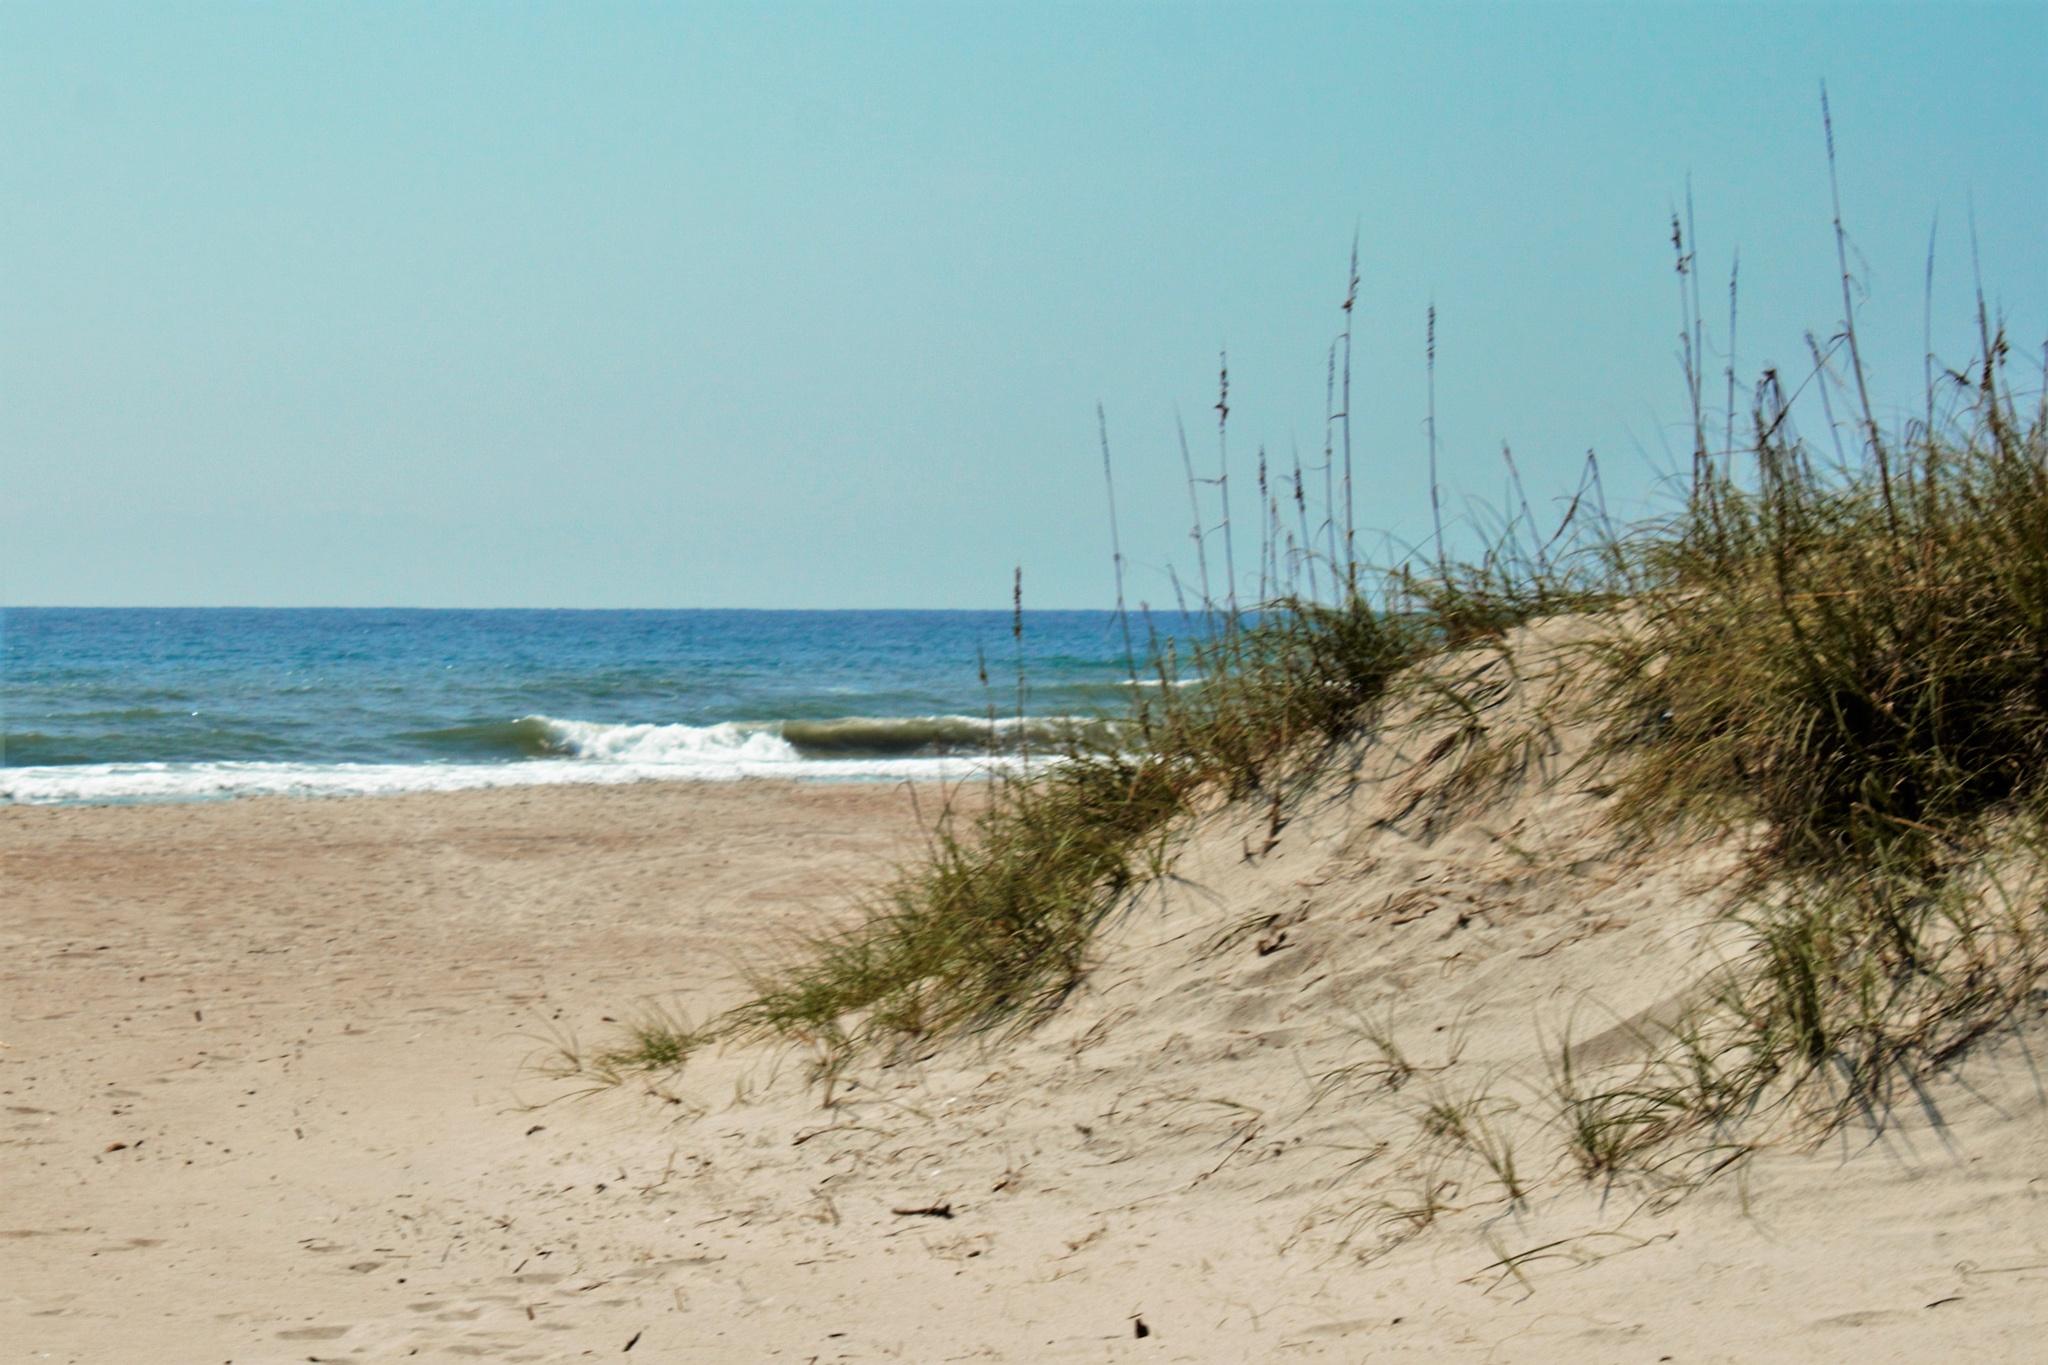 Late Summer at Atlantic Beach, North Carolina by Lisa Marshall Moore